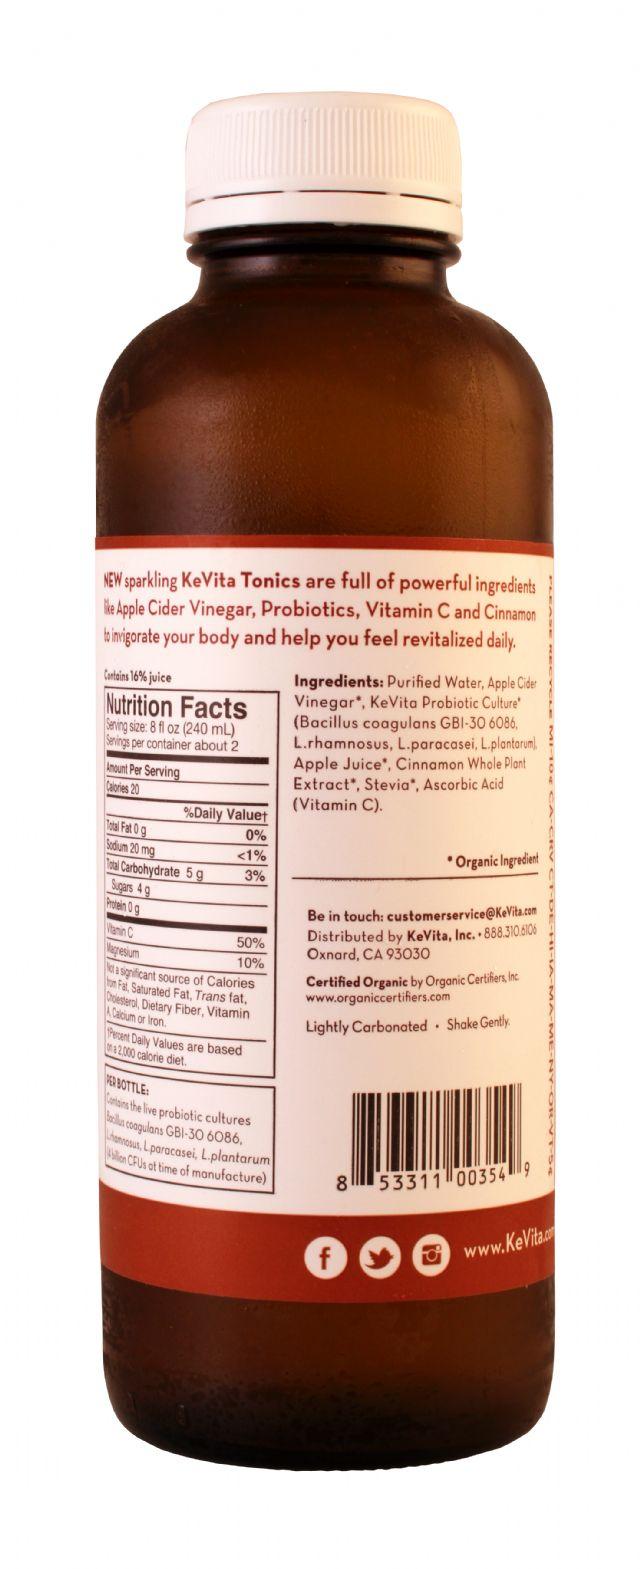 KeVita Tonics: KevitaTonics Cinn Facts